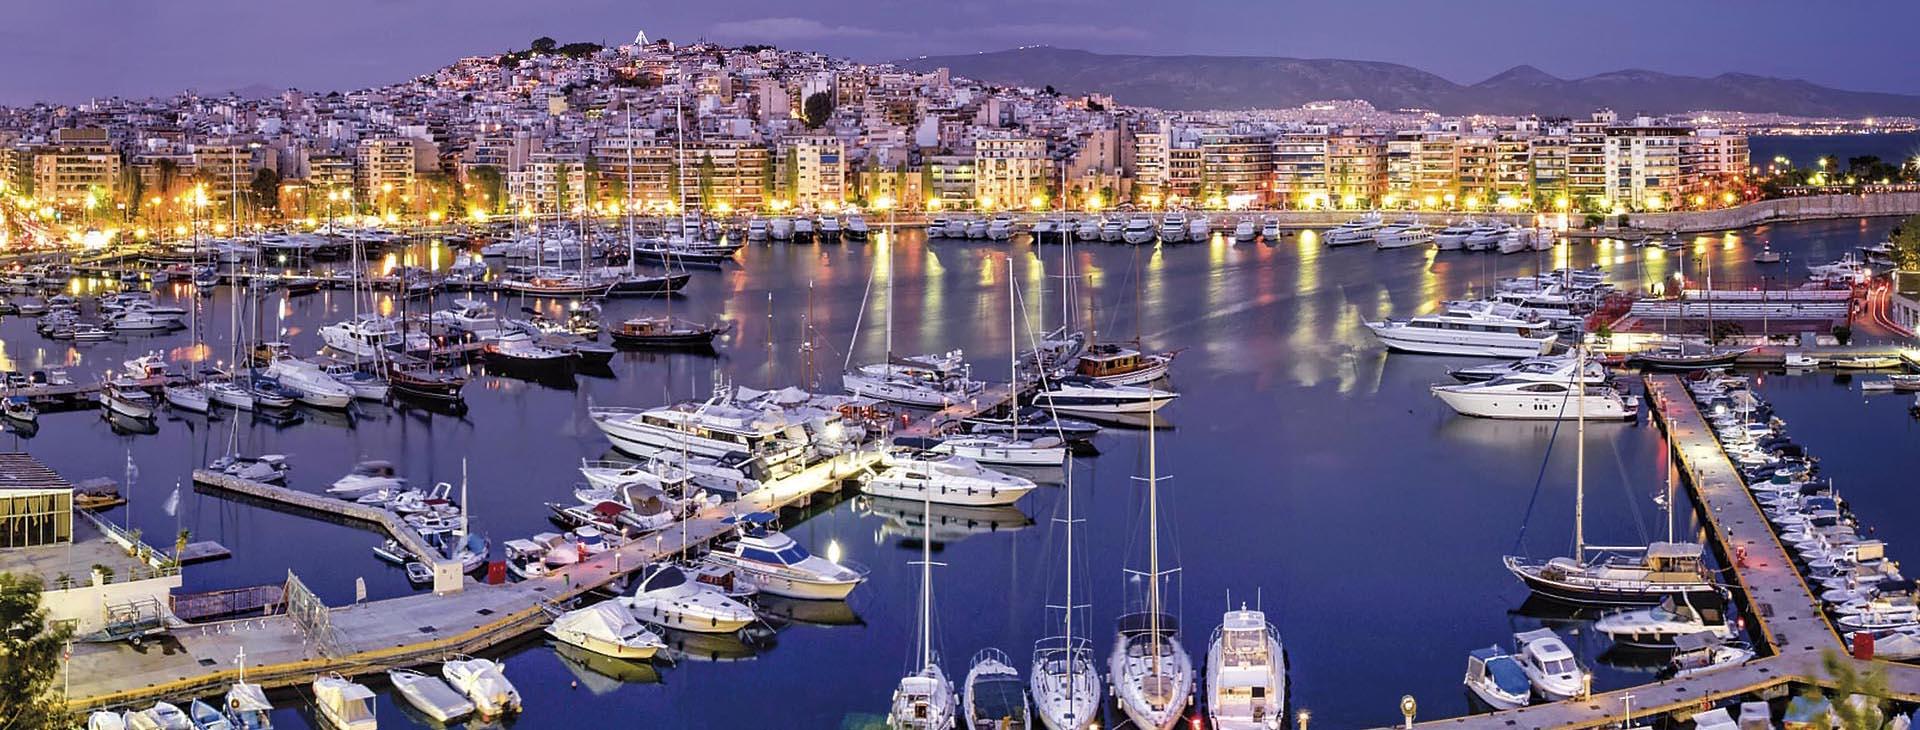 Sail boats at Piraeus marina